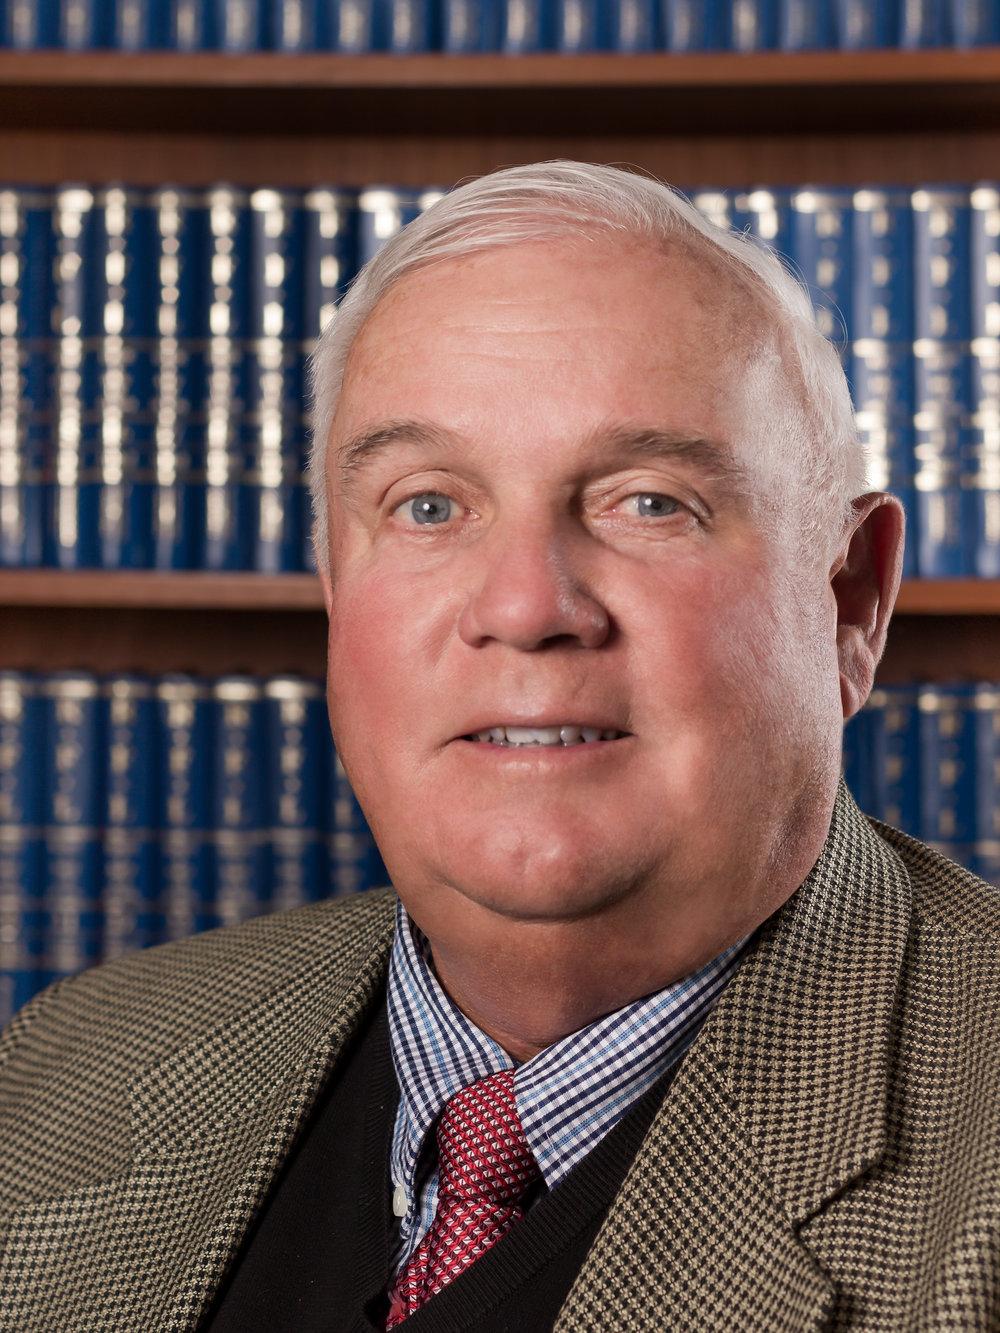 Robert C. Doell